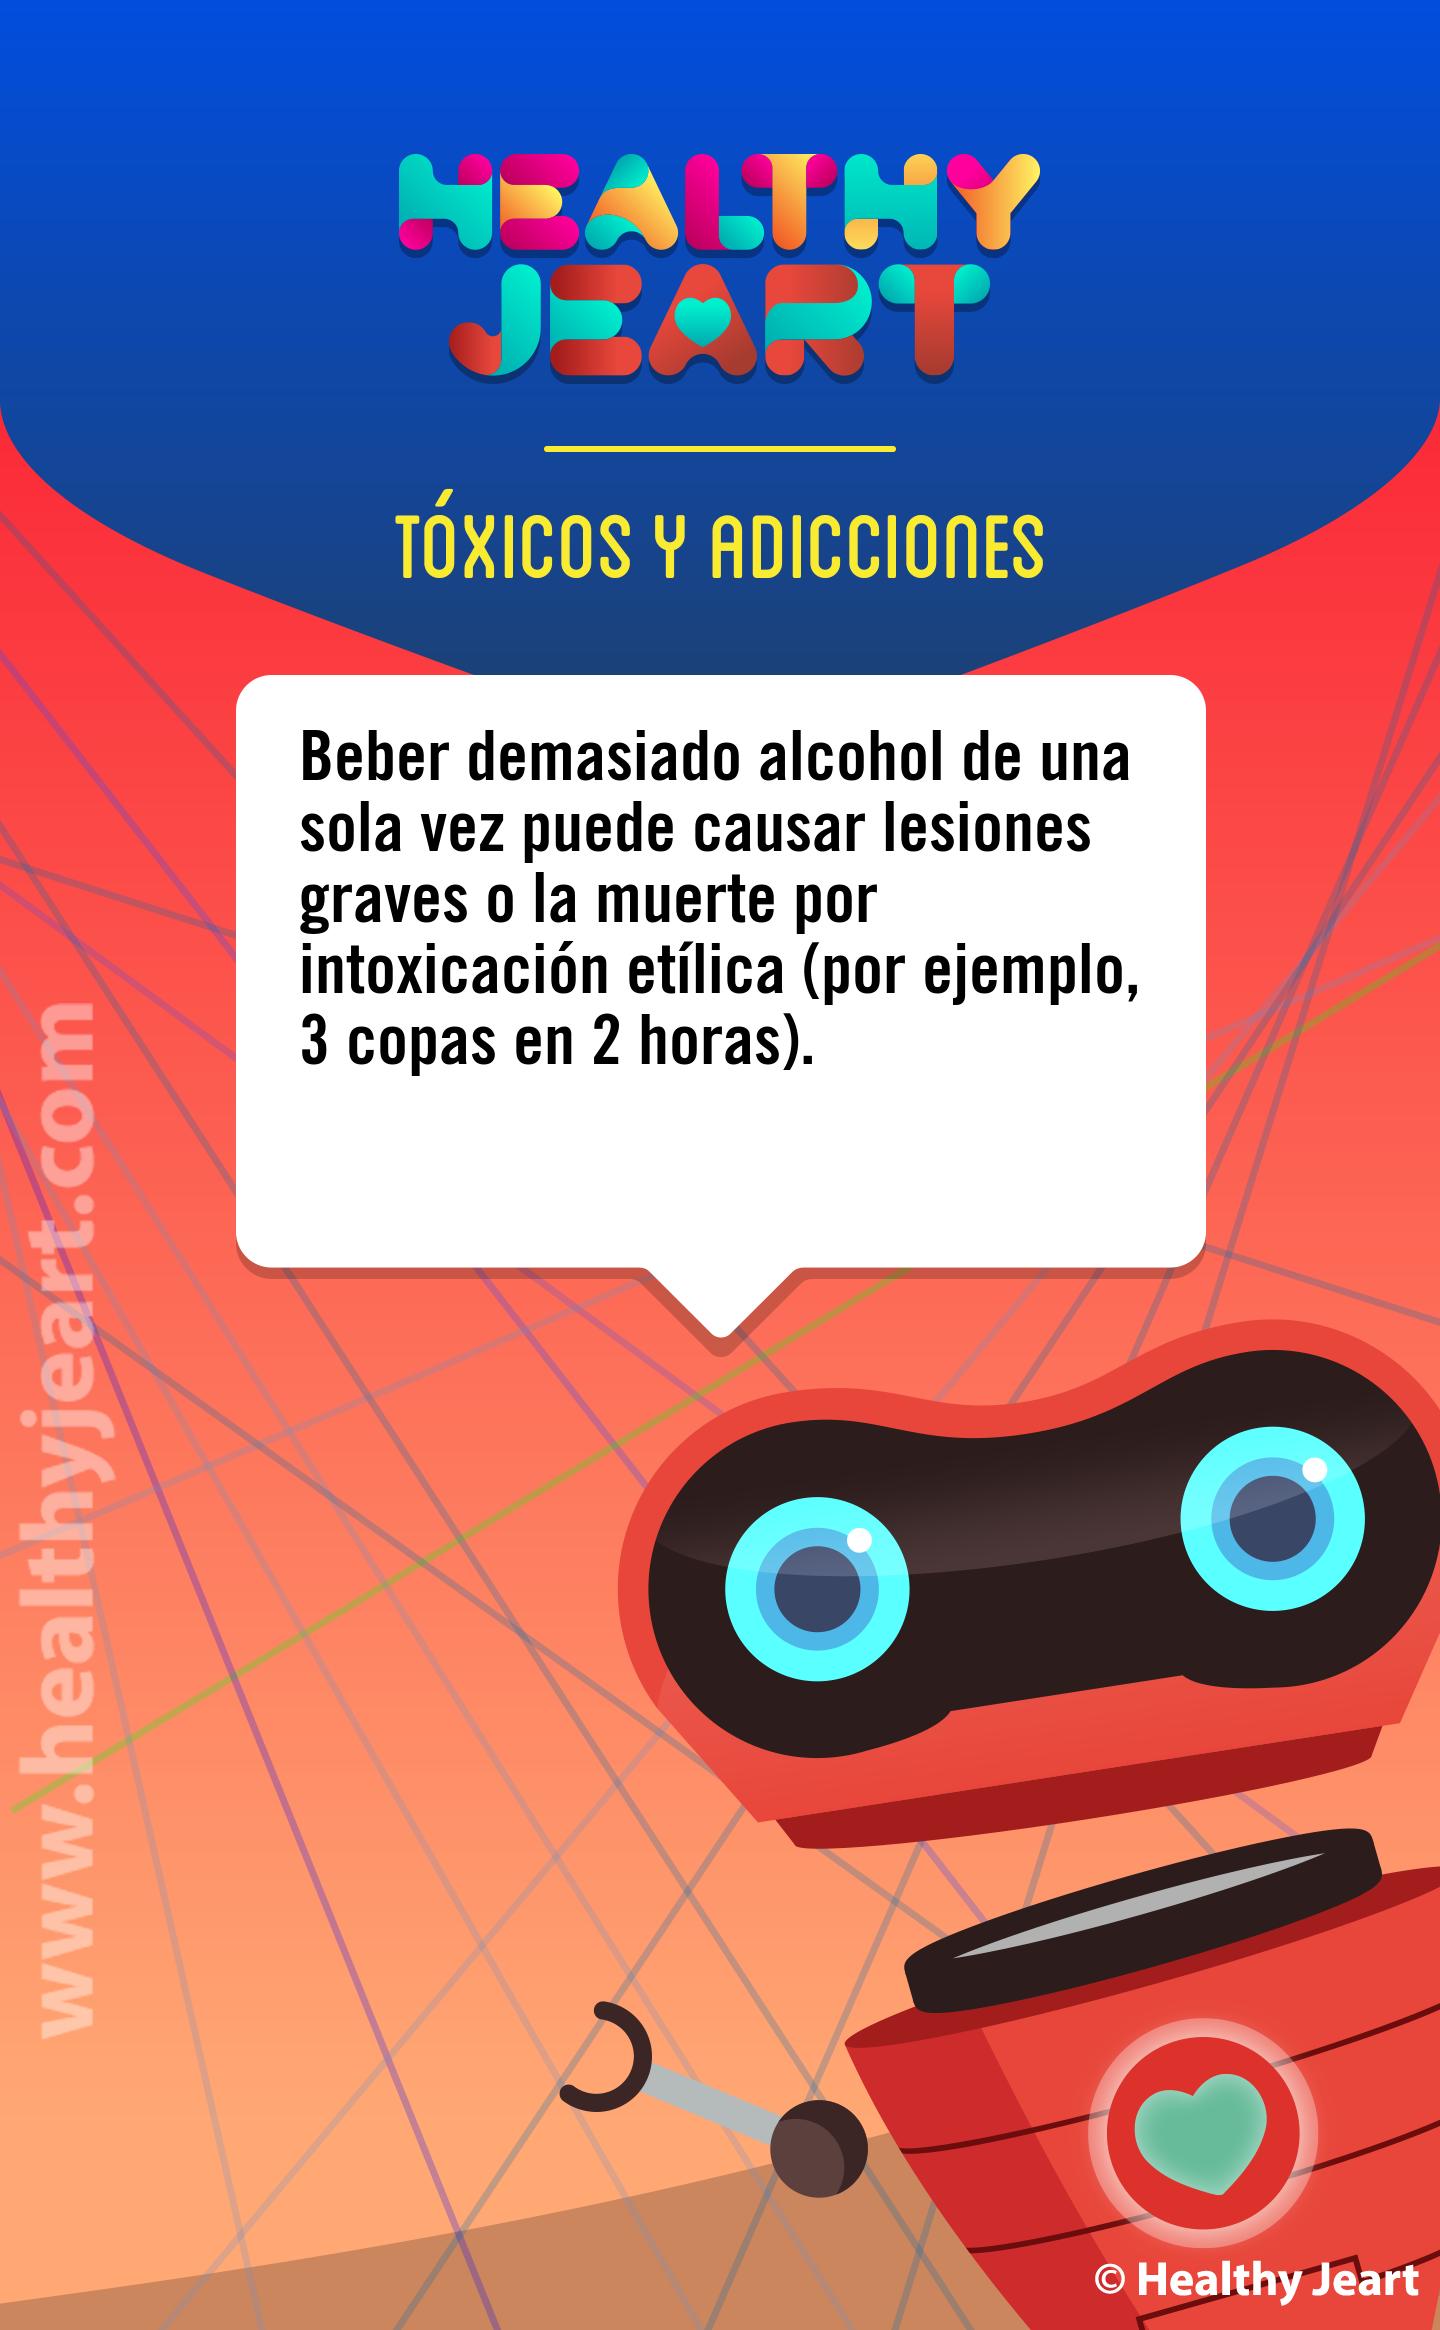 Beber demasiado alcohol de una sola vez puede causar lesiones graves o la muerte por intoxicación etílica (por ejemplo, 3 copas en 2 horas)